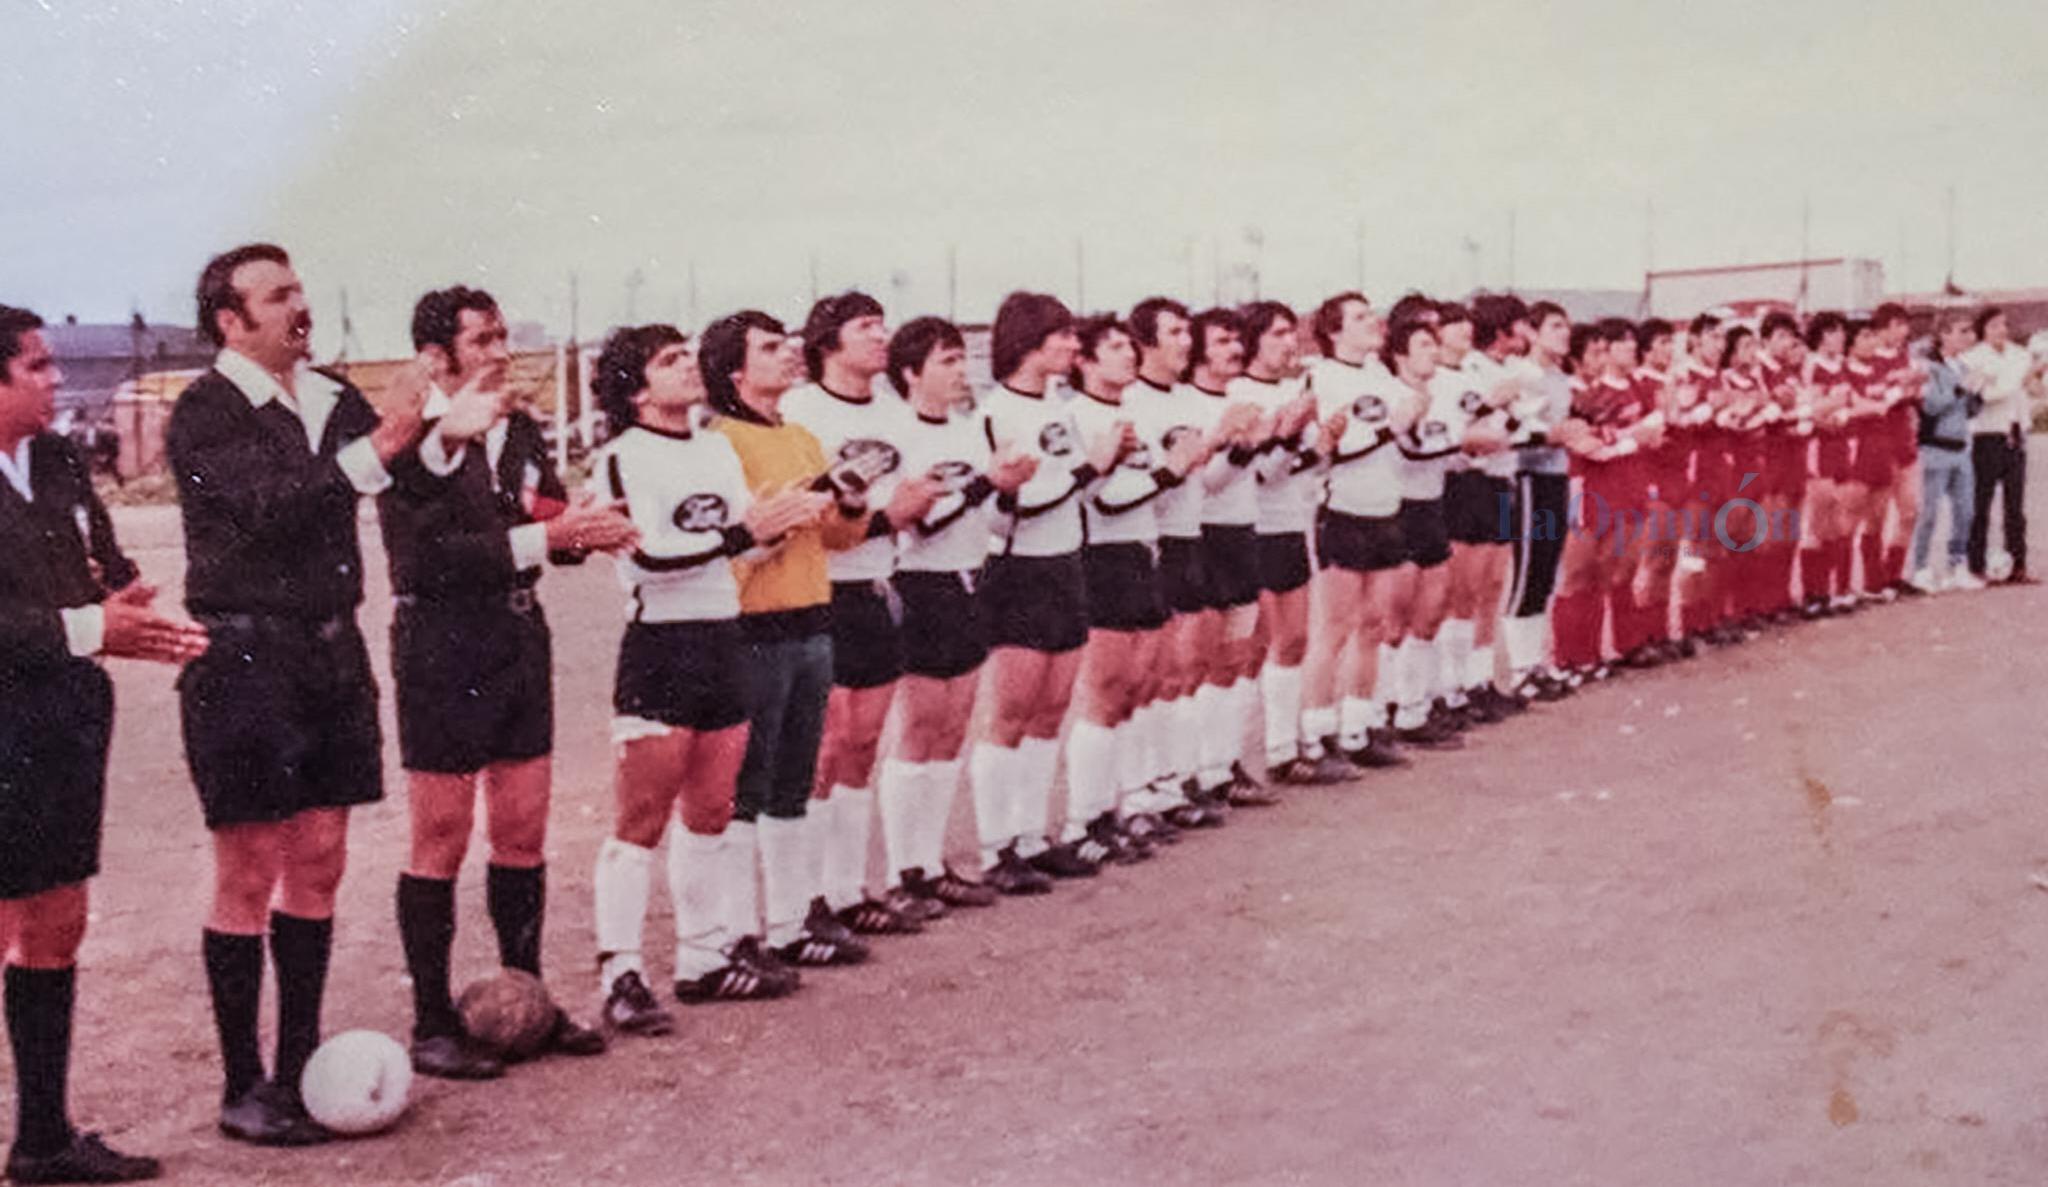 La terna y los equipos aplauden antes de que comience el encuentro. FOTO: ARCHIVO LA OPINIÓN AUSTRAL.